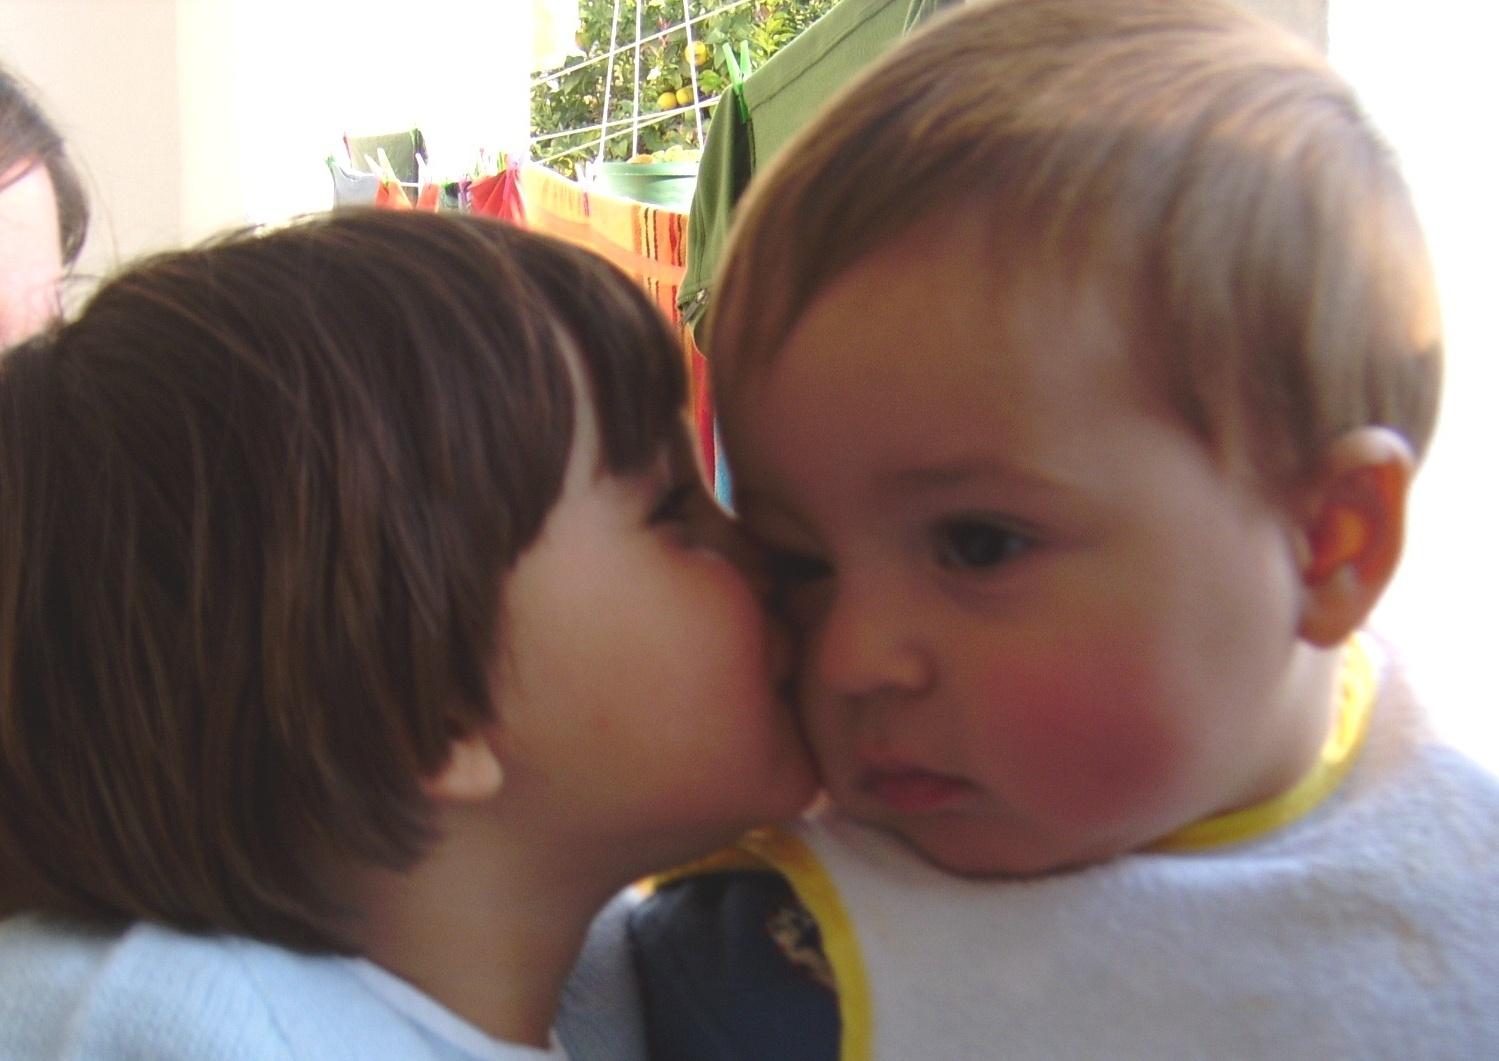 8 besos lsbicos que debes intentar - Lesbicanarias